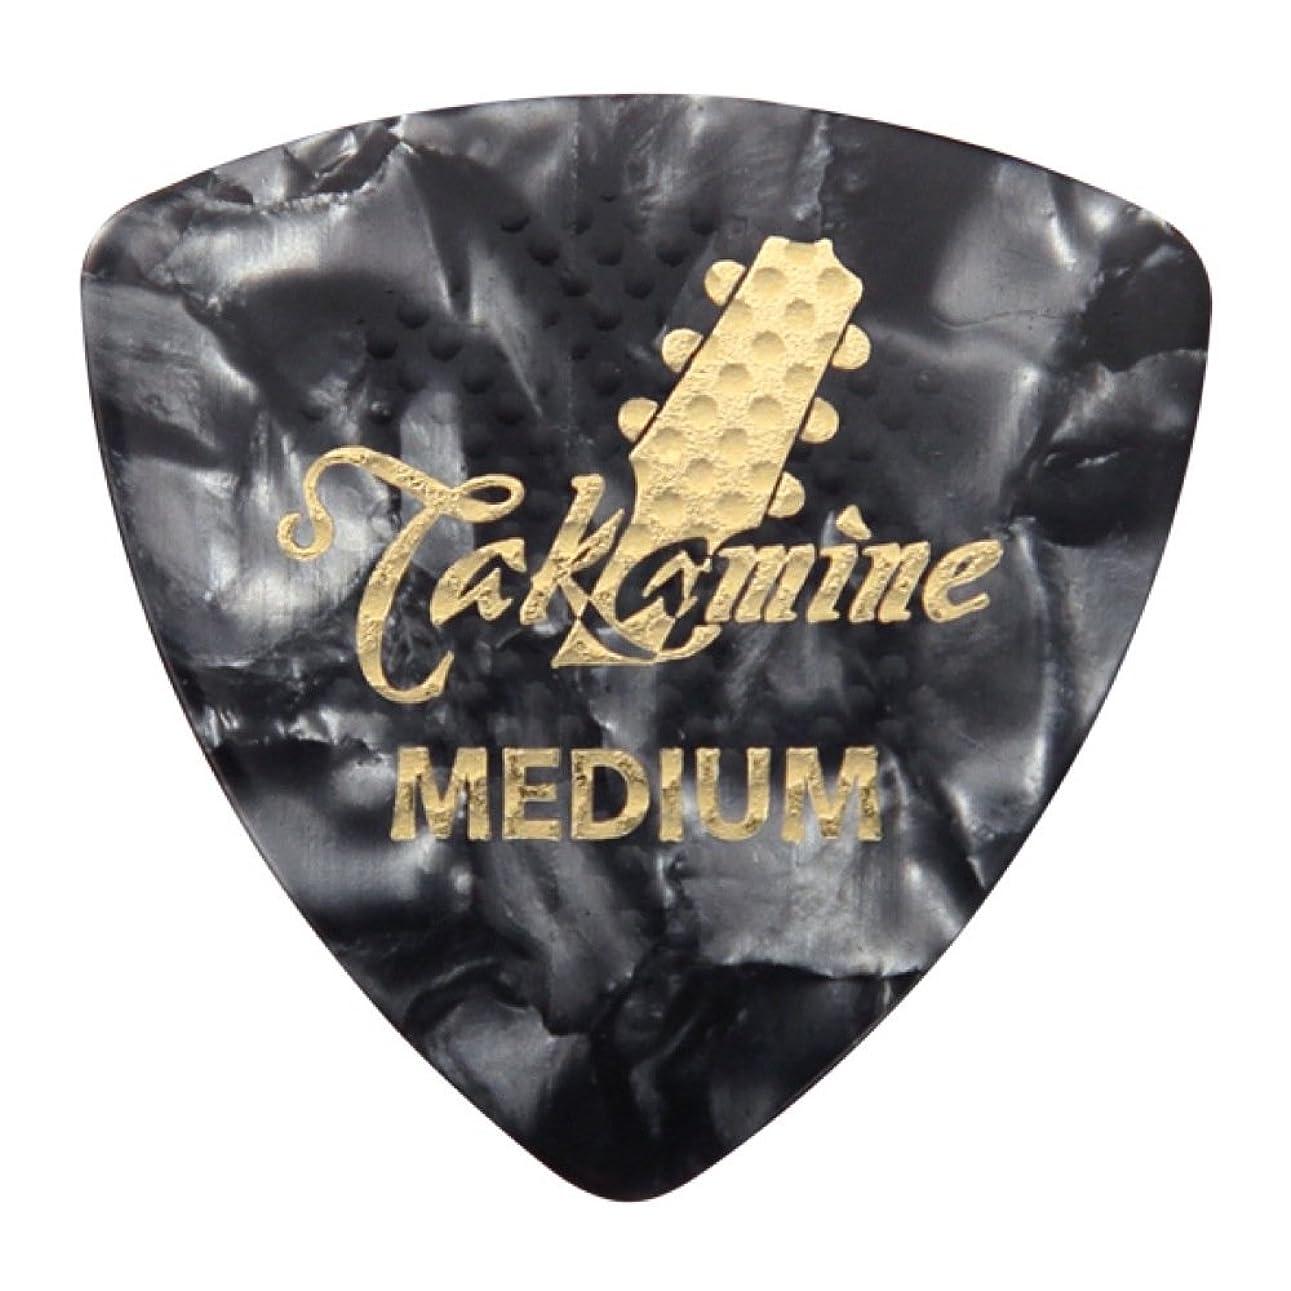 指紋トレッド是正するTAKAMINE P1B MEDIUM 0.75mm セルロイド トライアングルピック×10枚